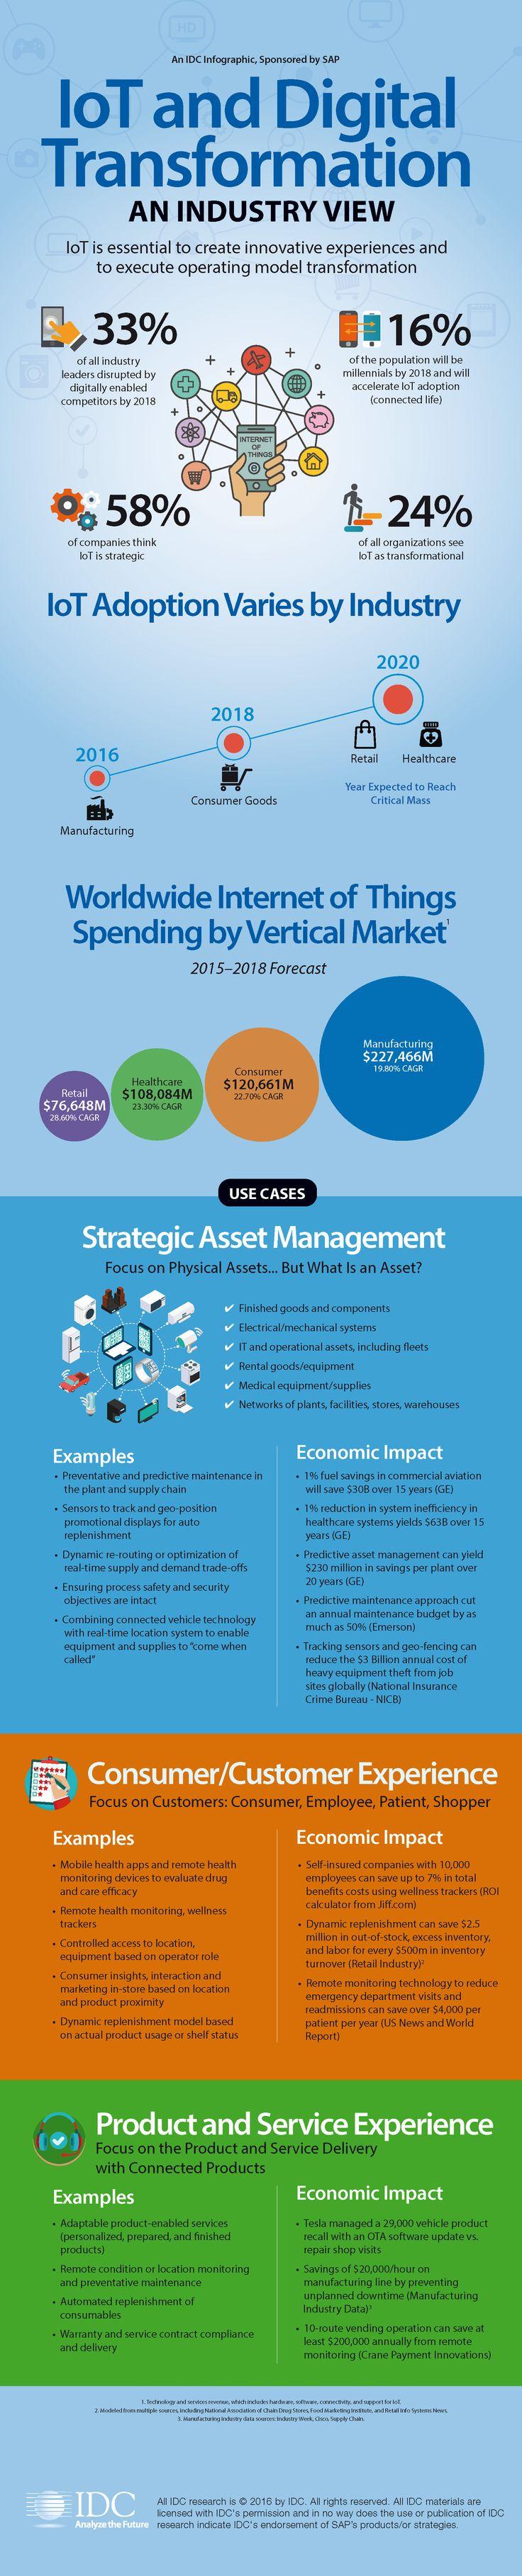 IDC IoT Infographic 2016